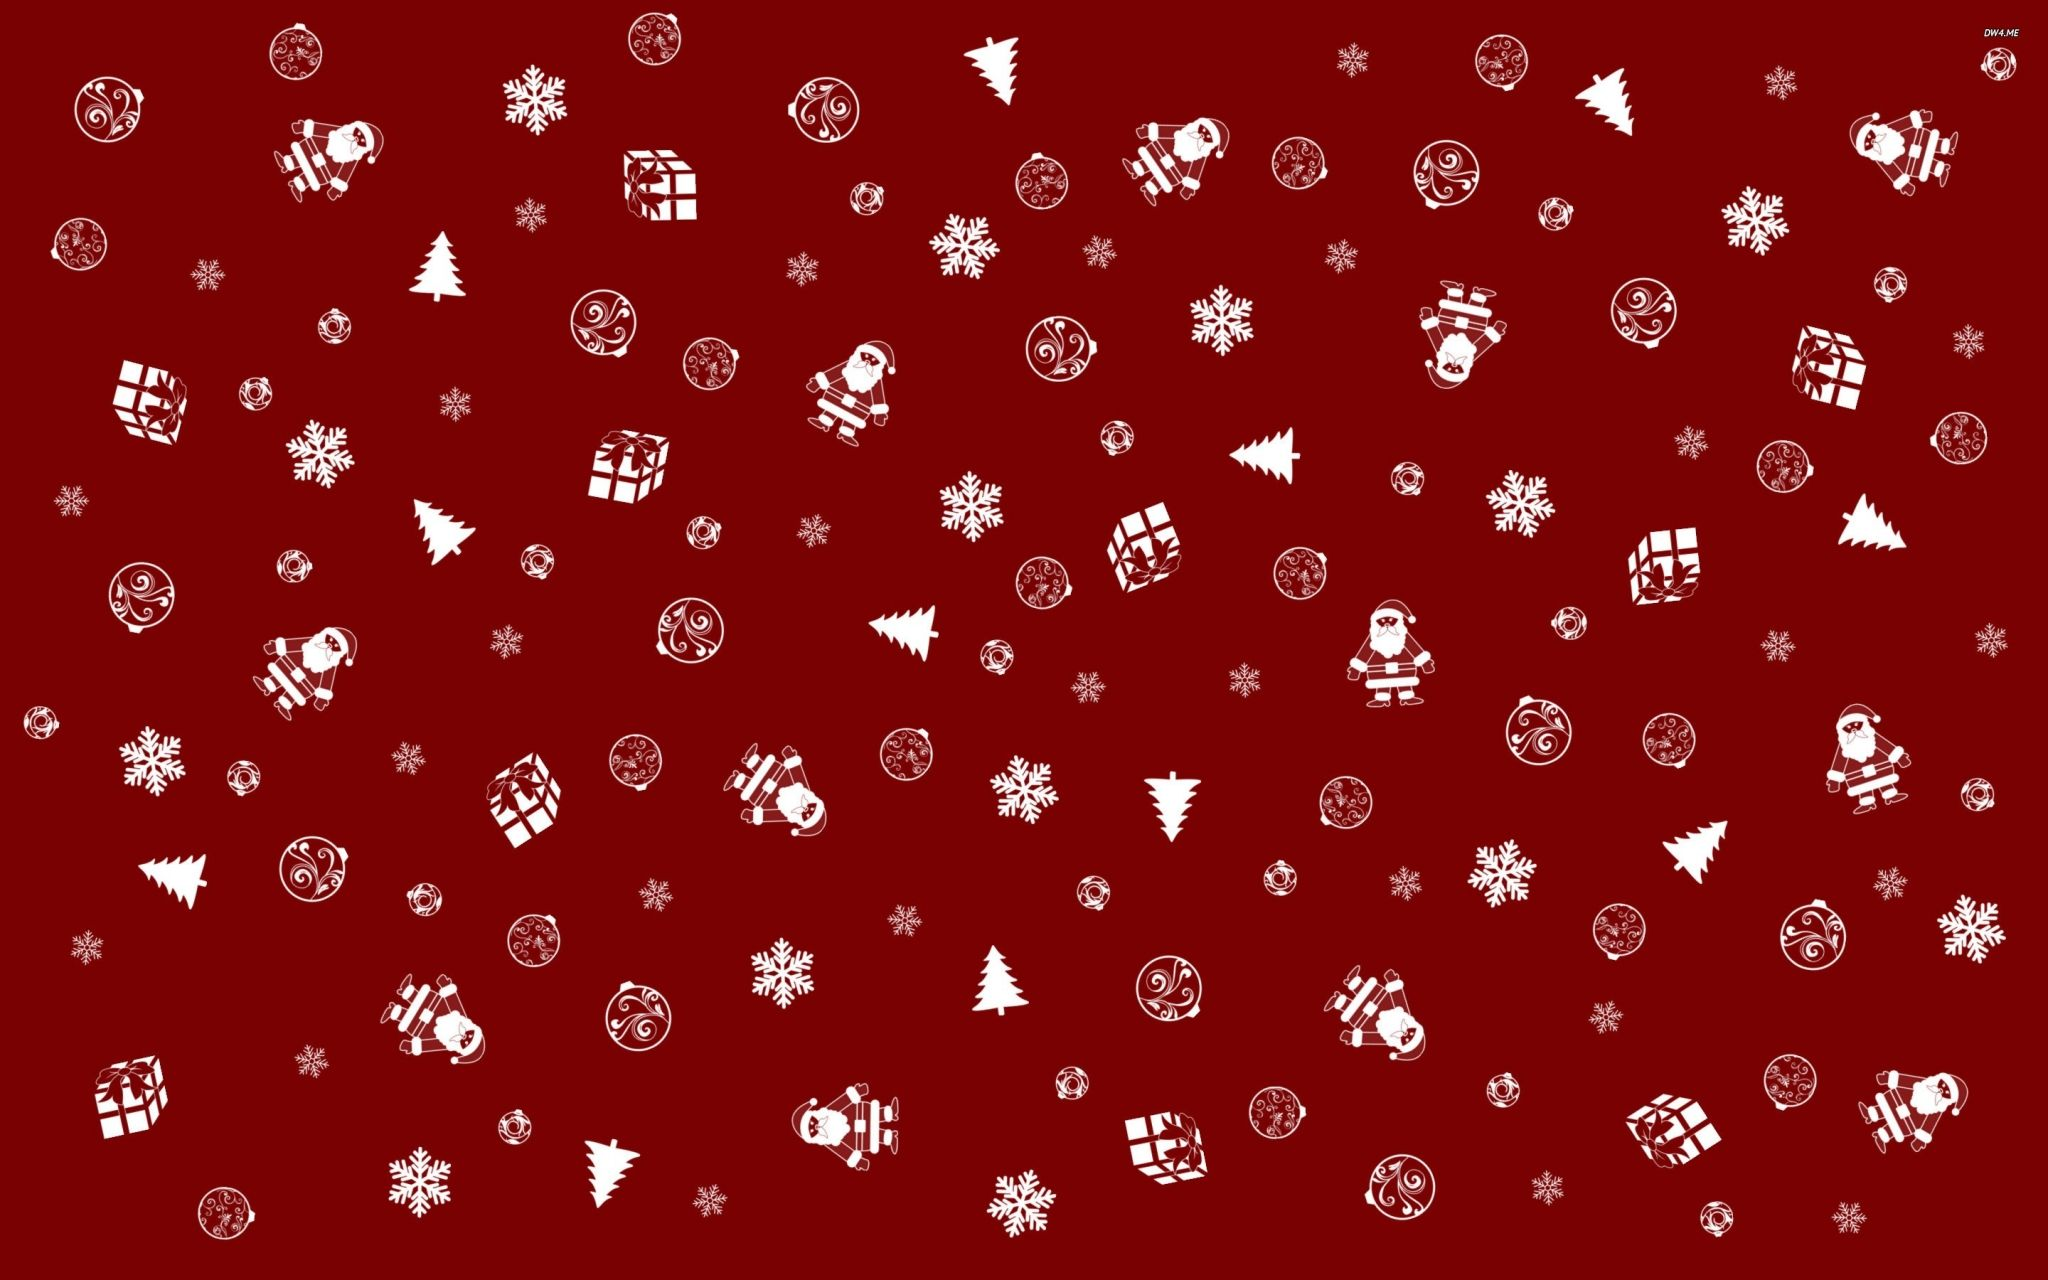 christmas wallpaper pack 1080p hd | ololoshenka | pinterest